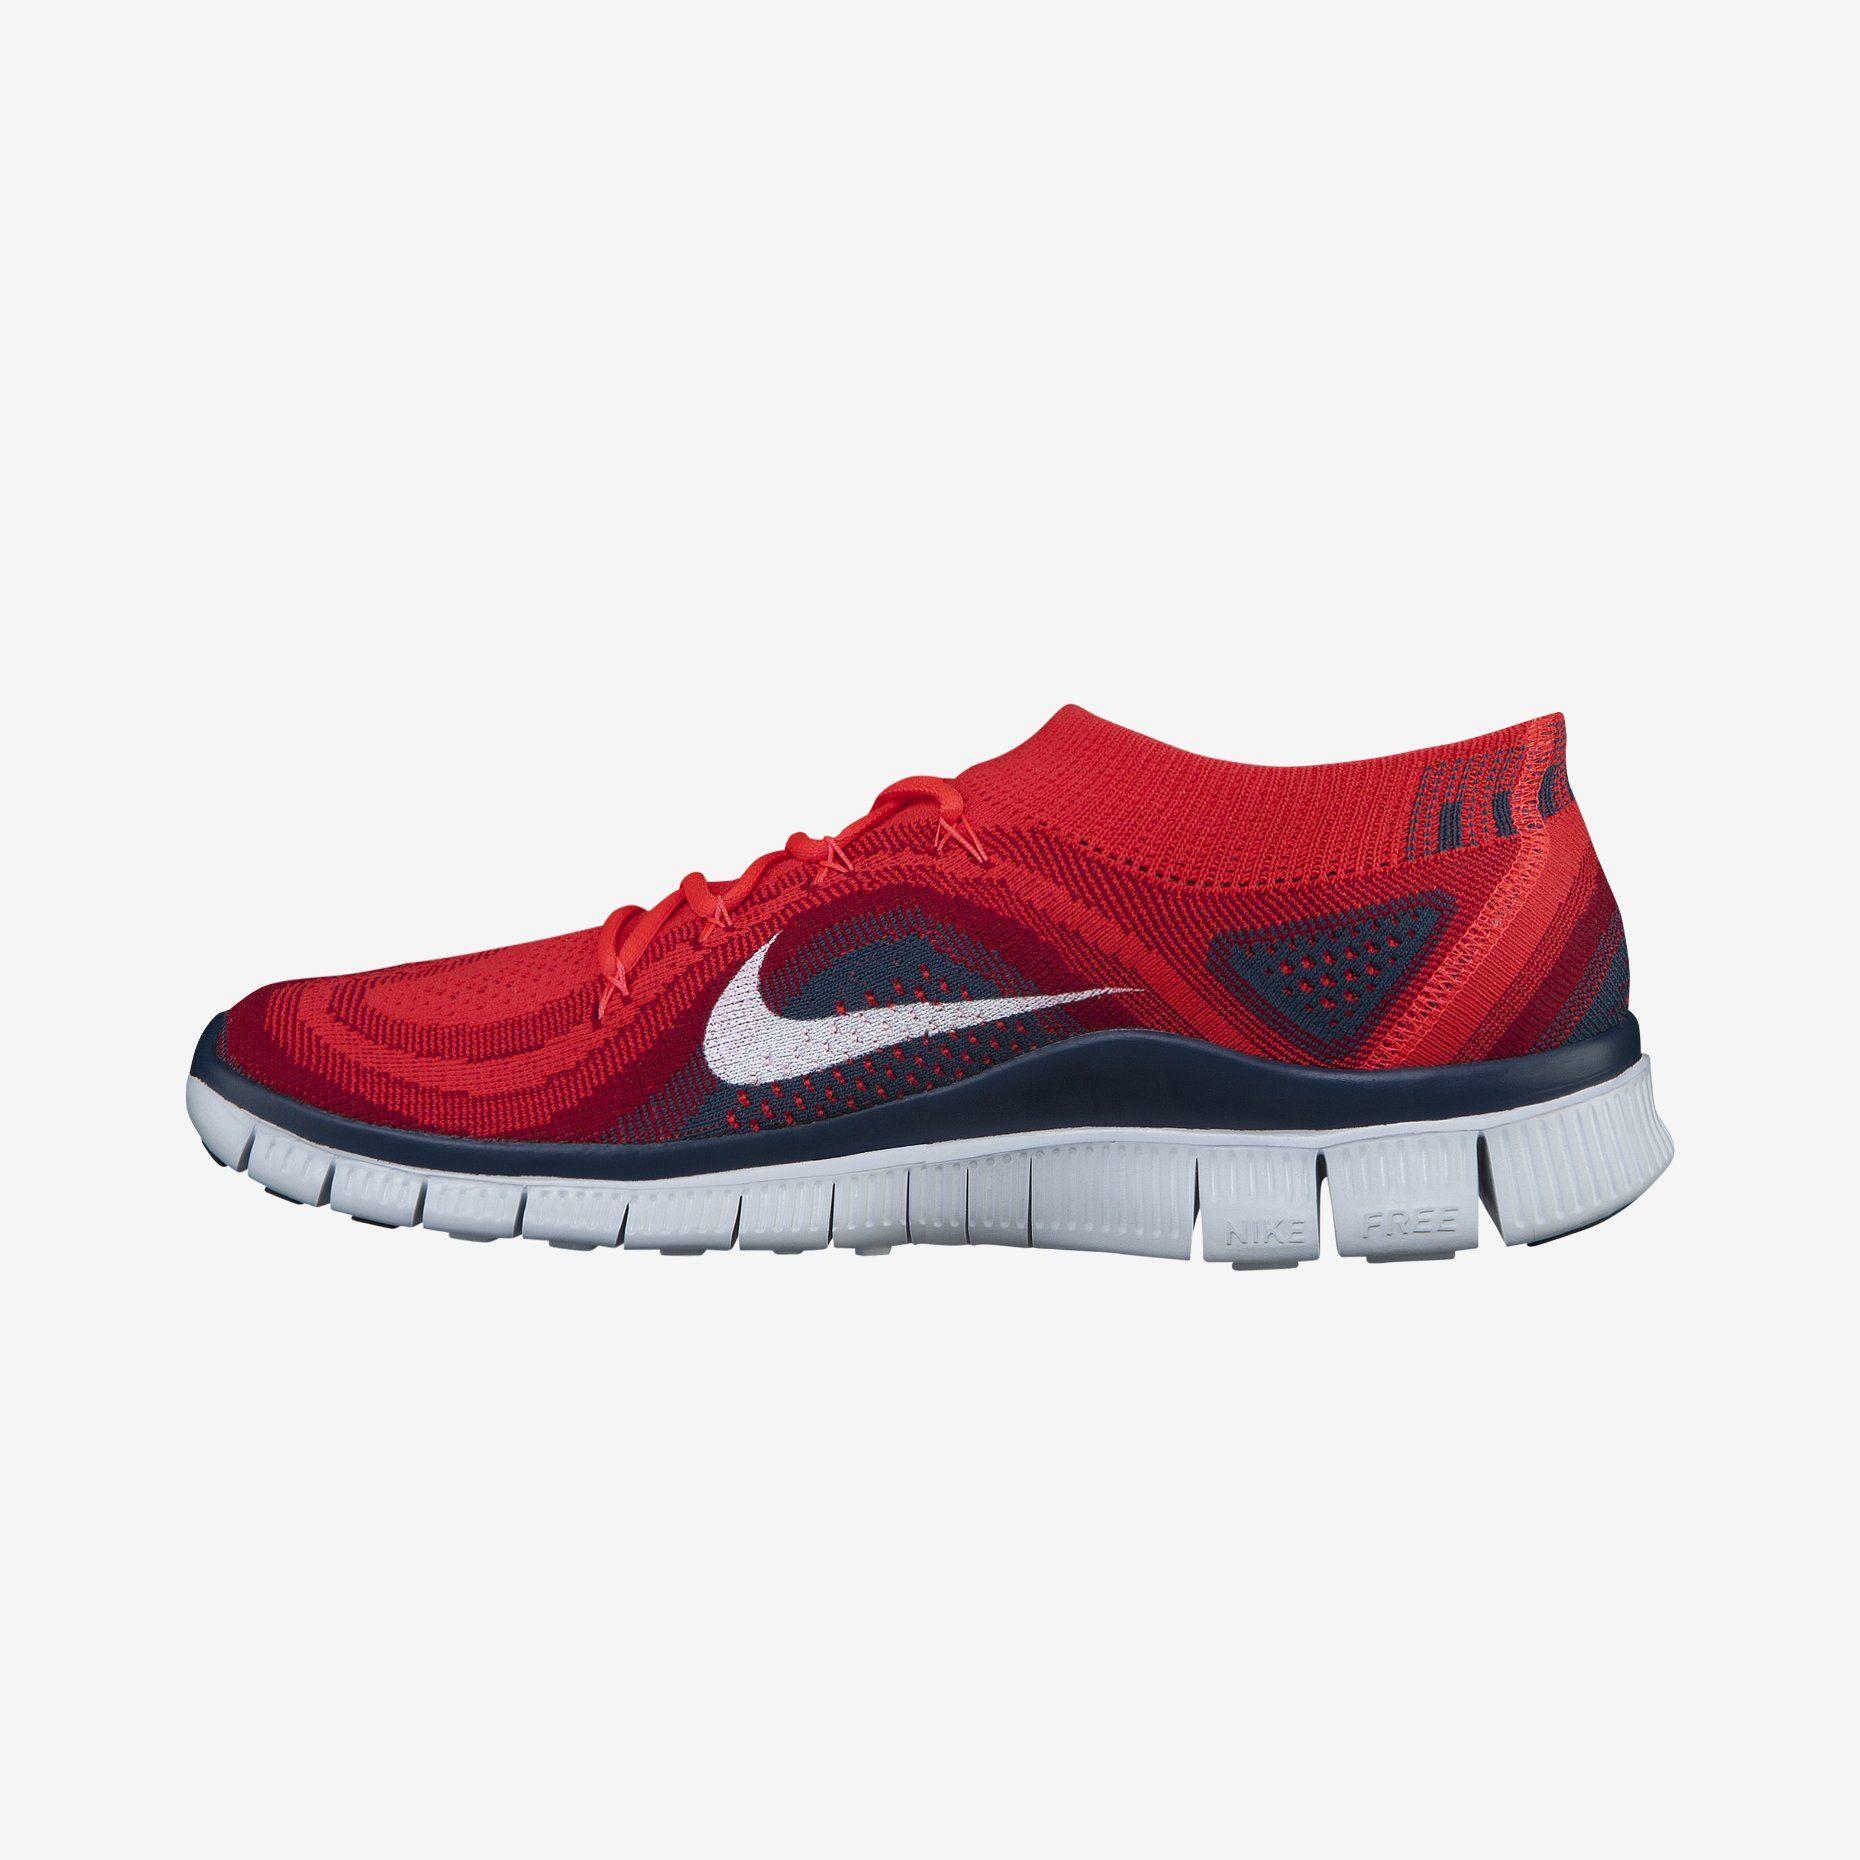 748c8d05f31 Nike Free Flyknit+ Men s Running Shoe